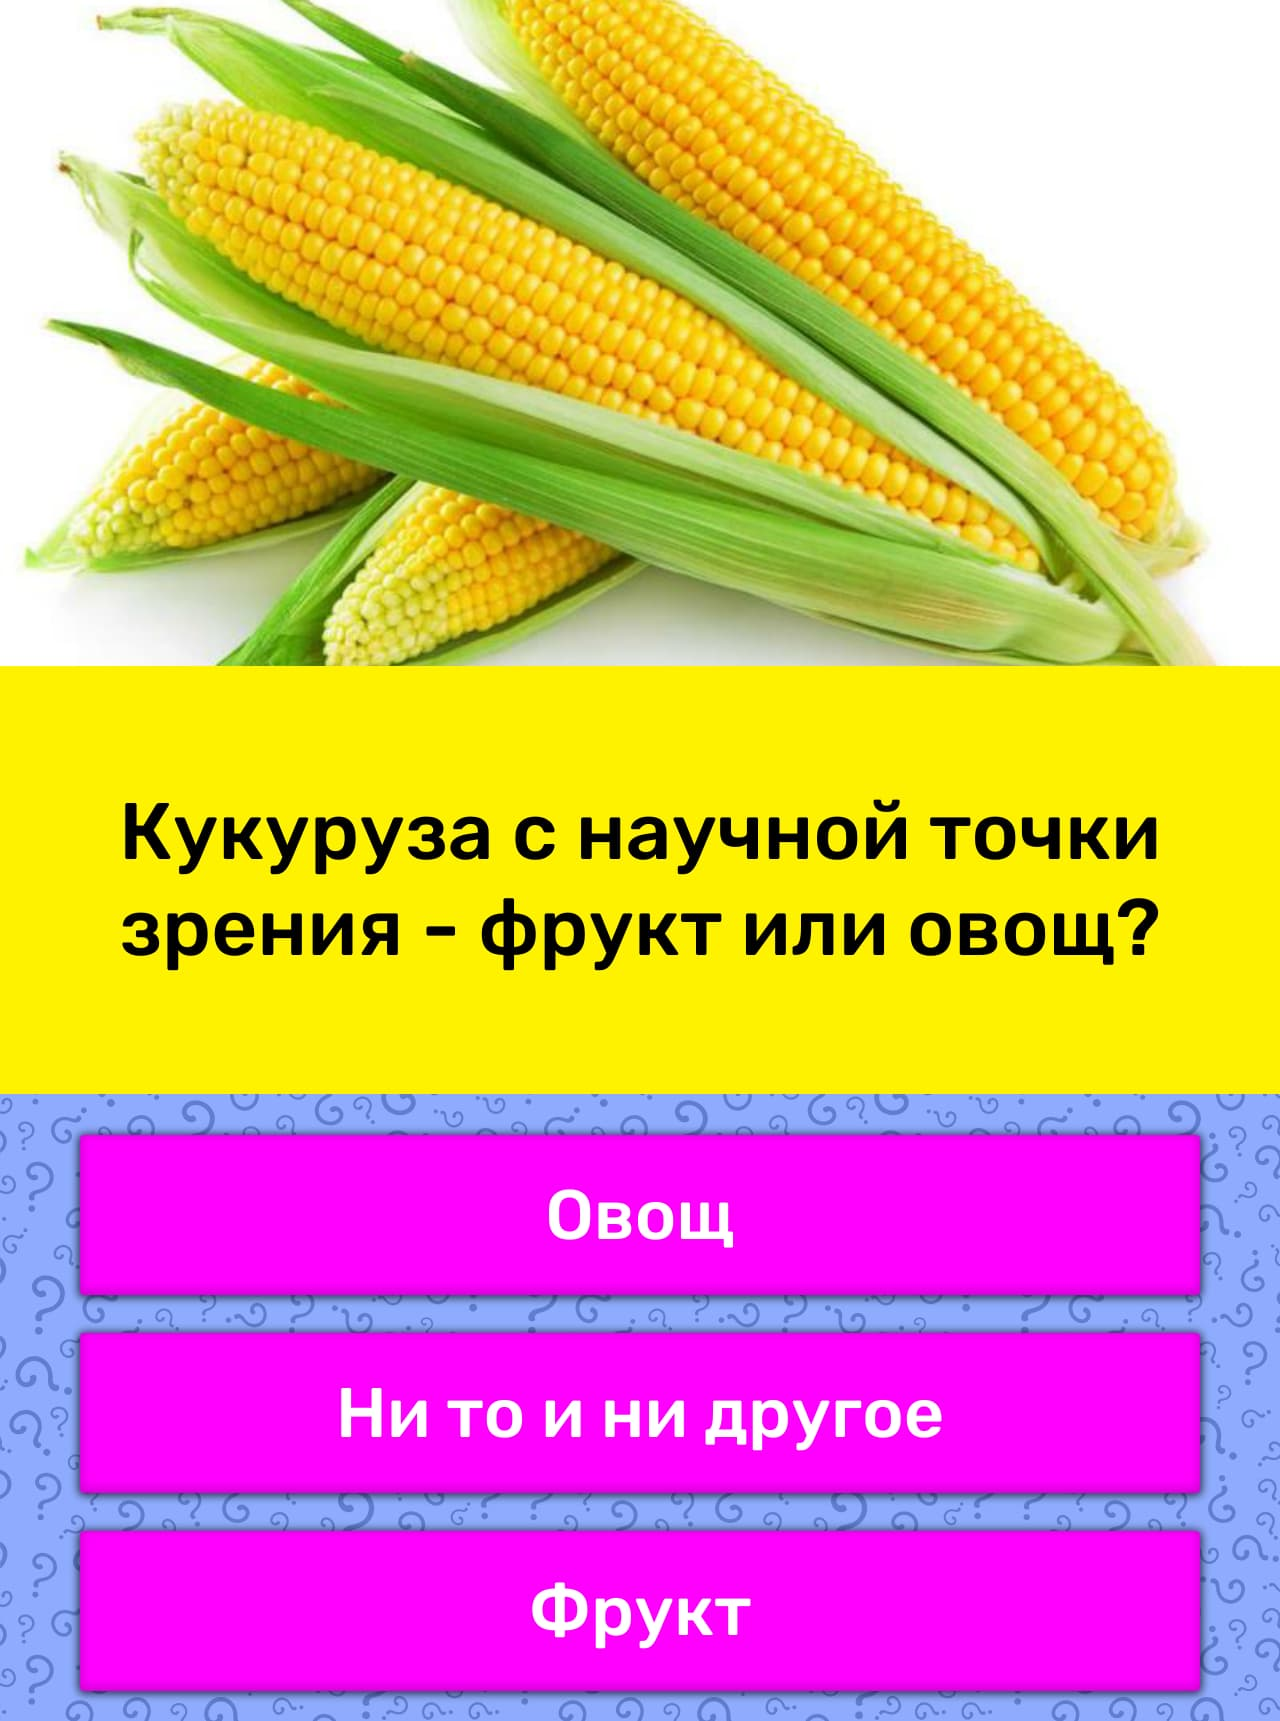 Вход в платежный и личный кабинет карты кукуруза от евросети